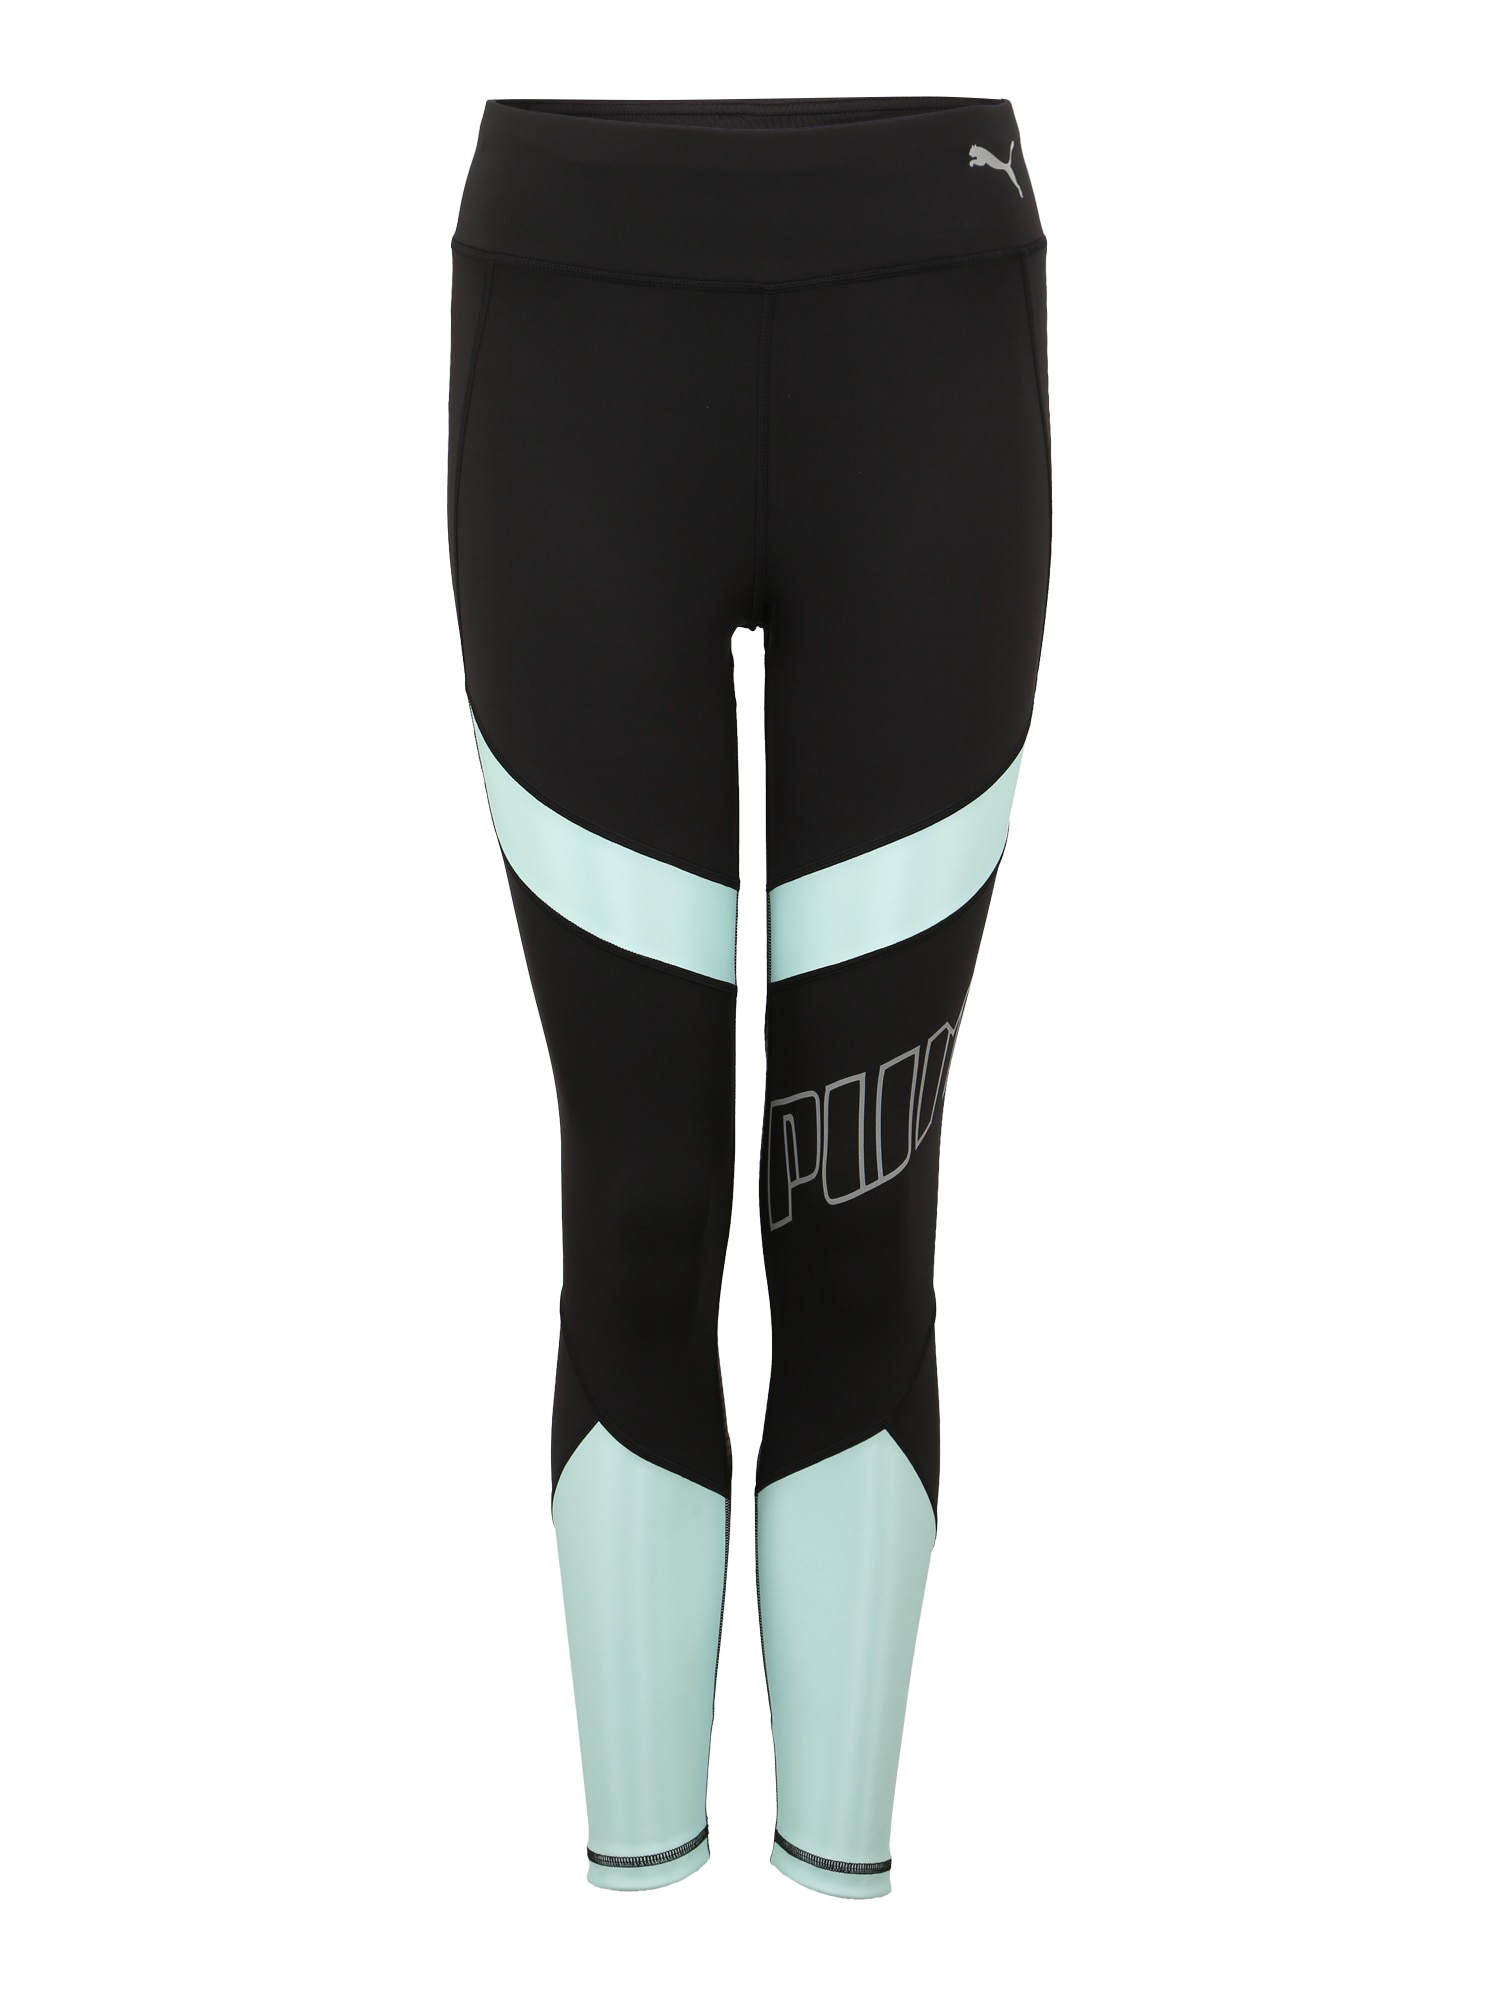 Sportovní kalhoty Elite Speed světlemodrá černá PUMA